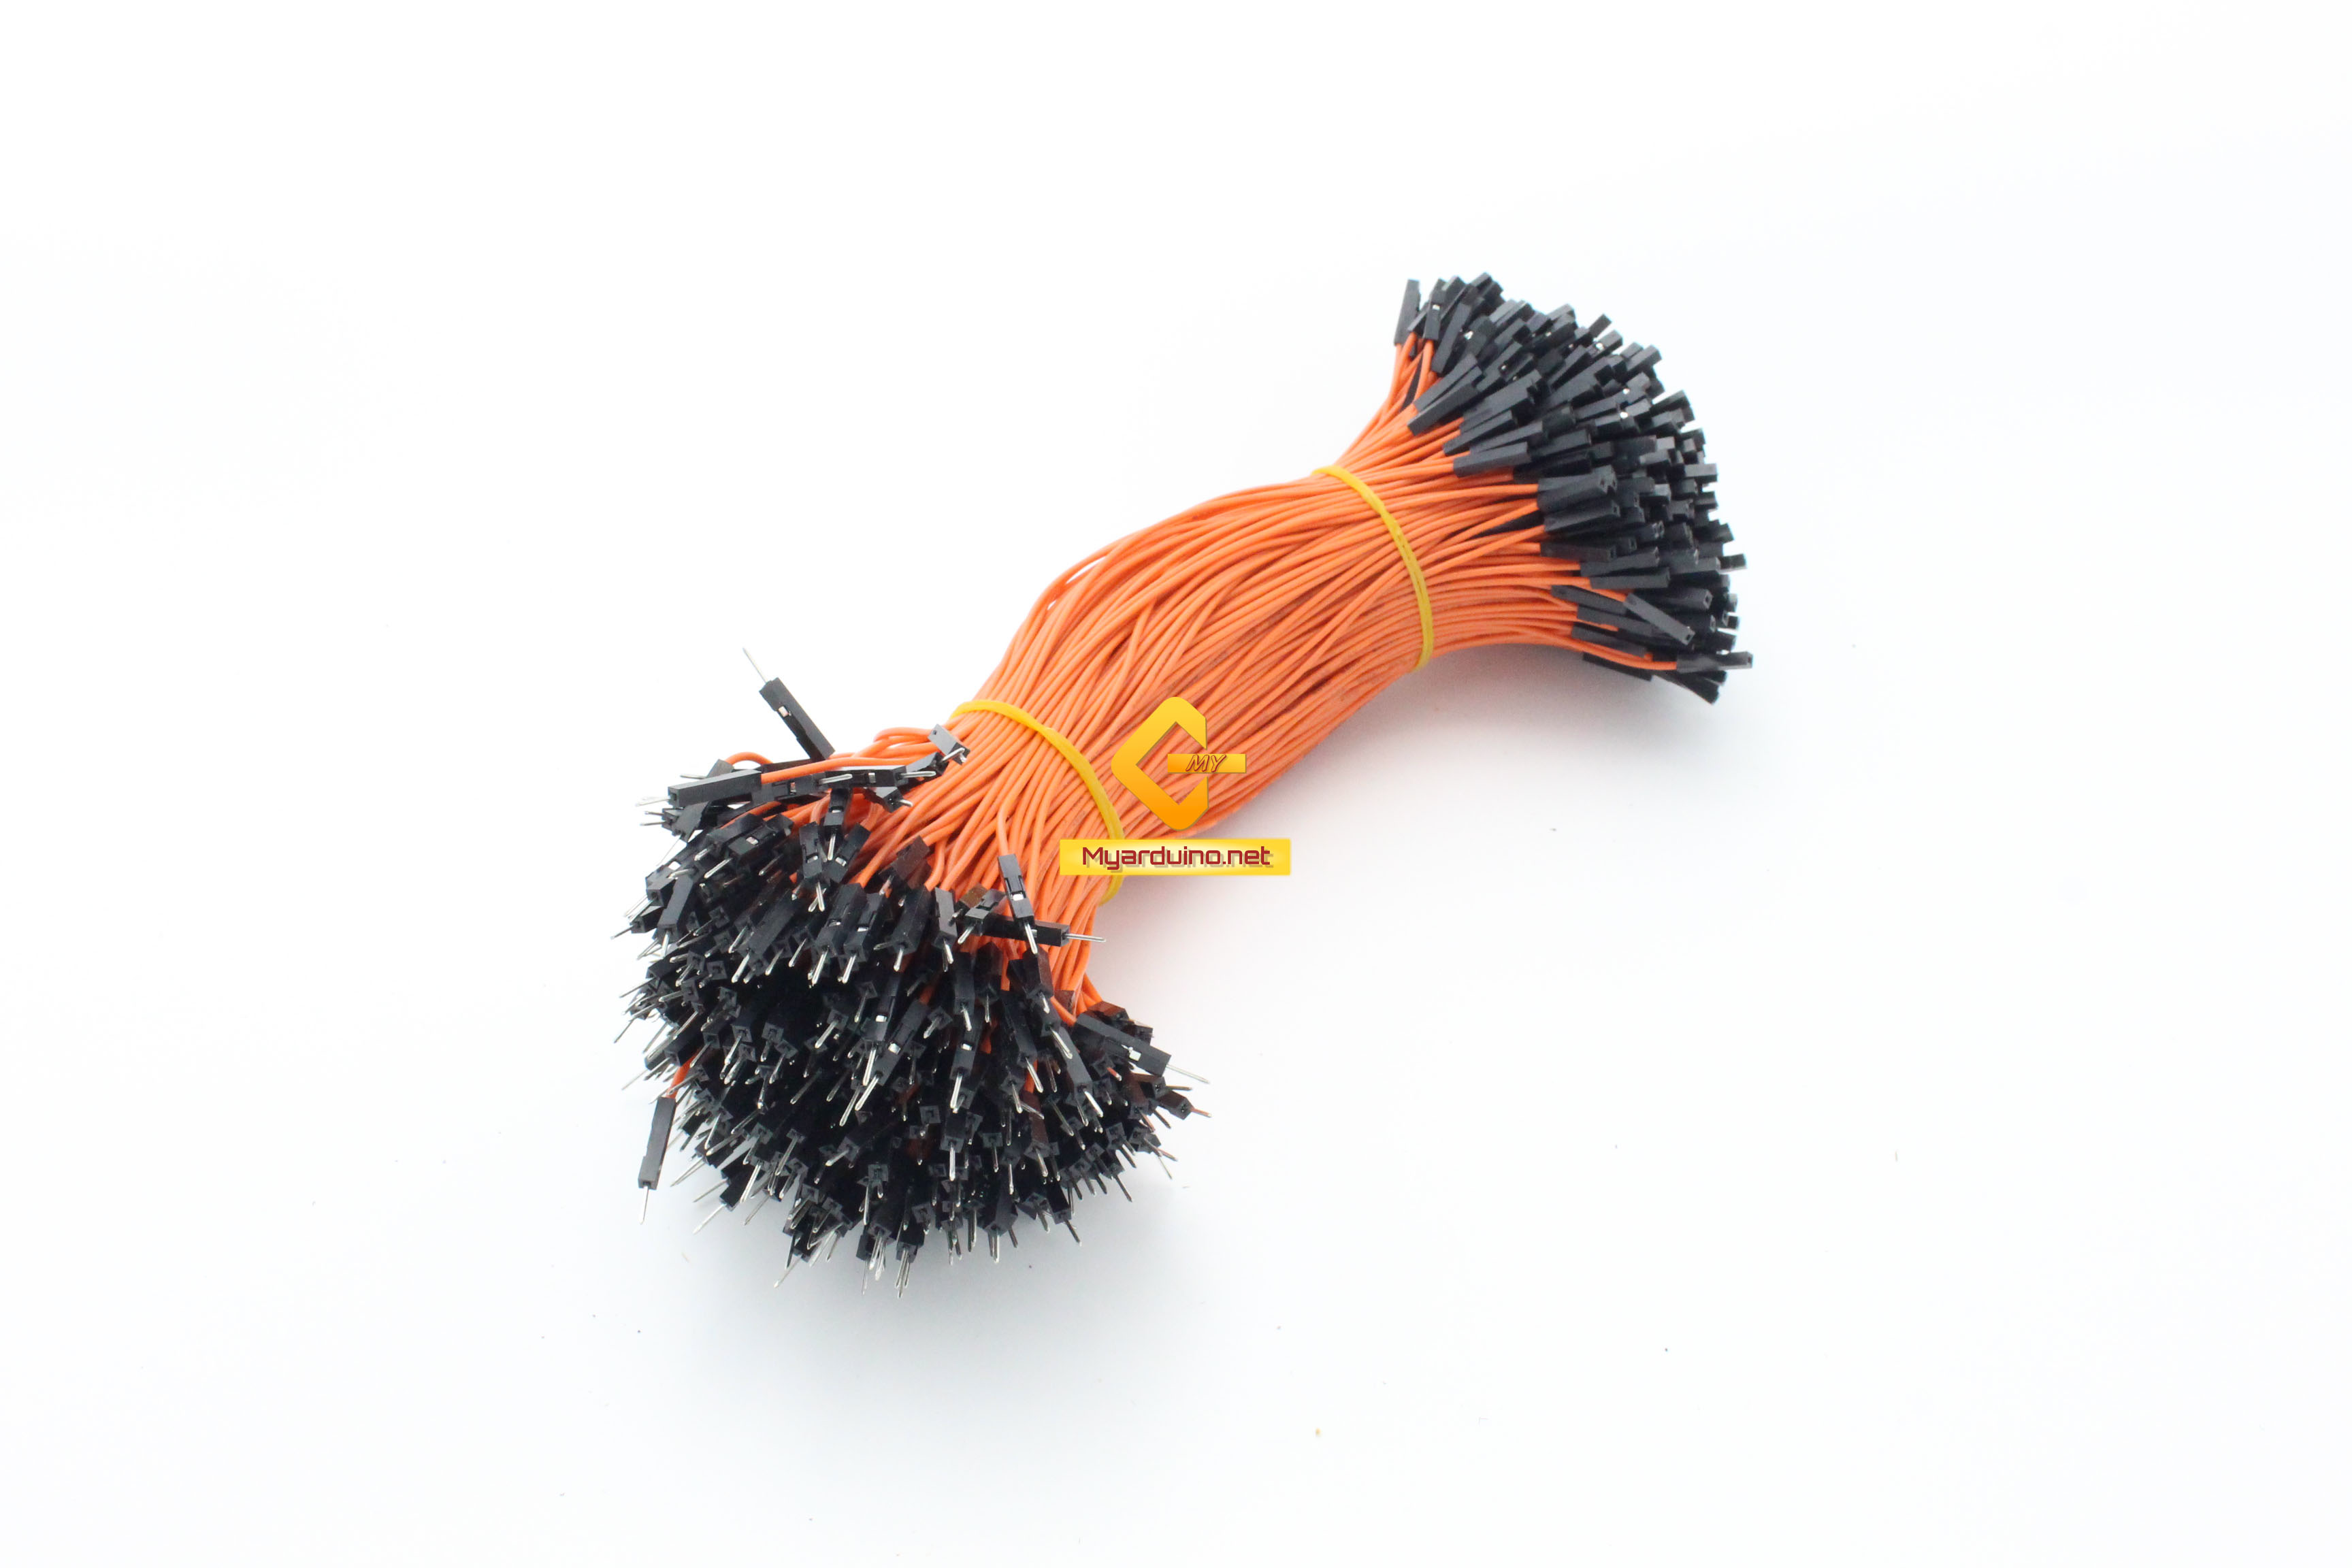 สายไฟจัมเปอร์ 20cm ผู้-เมีย สีส้ม จำนวน 10 เส้น